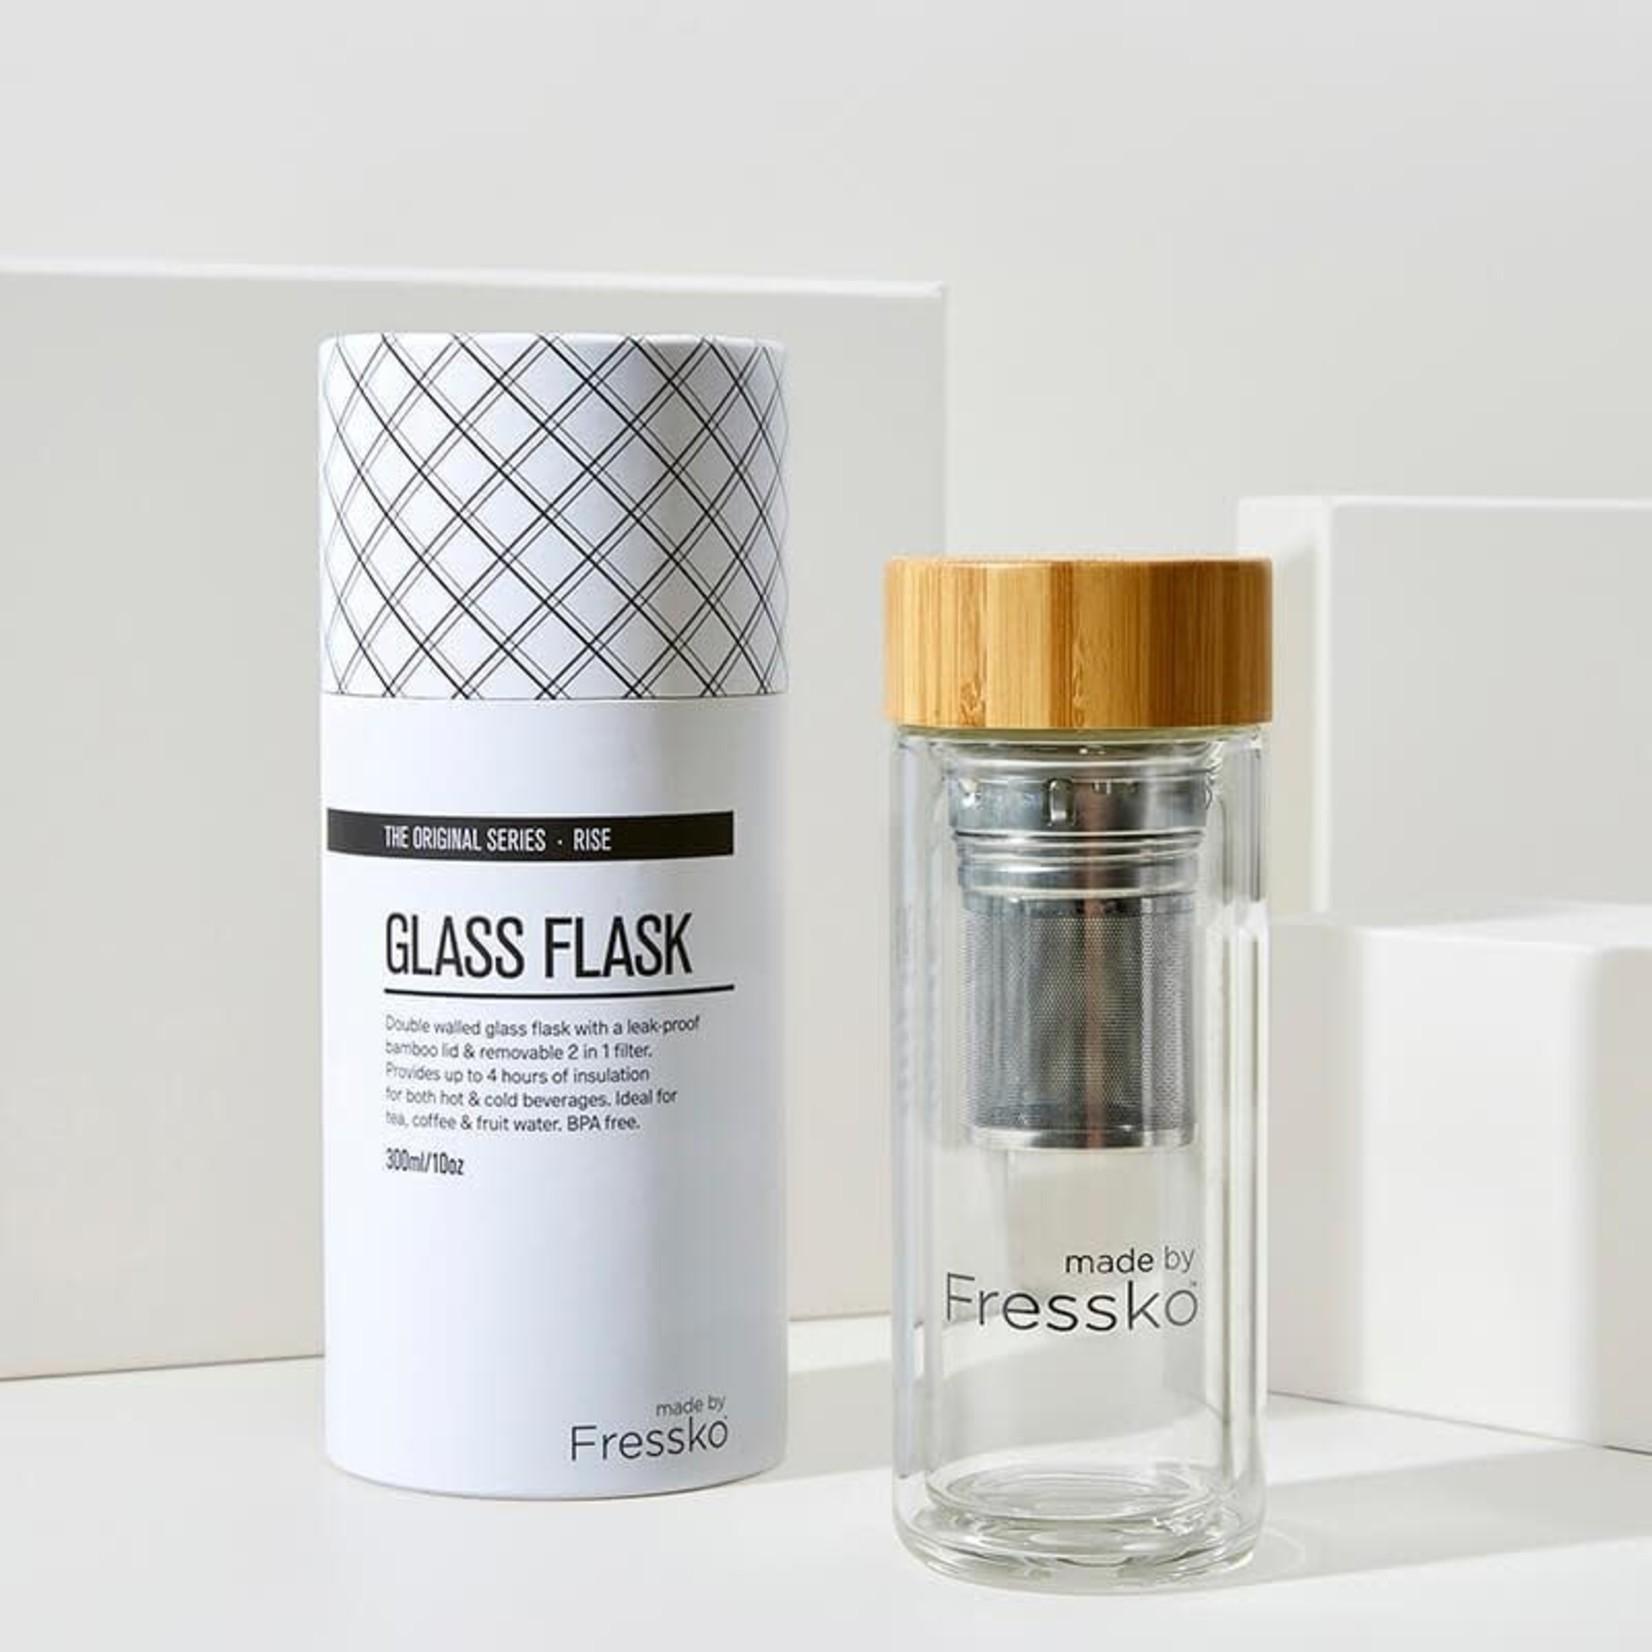 Made By Fressko Made By Fressko Glass Flask